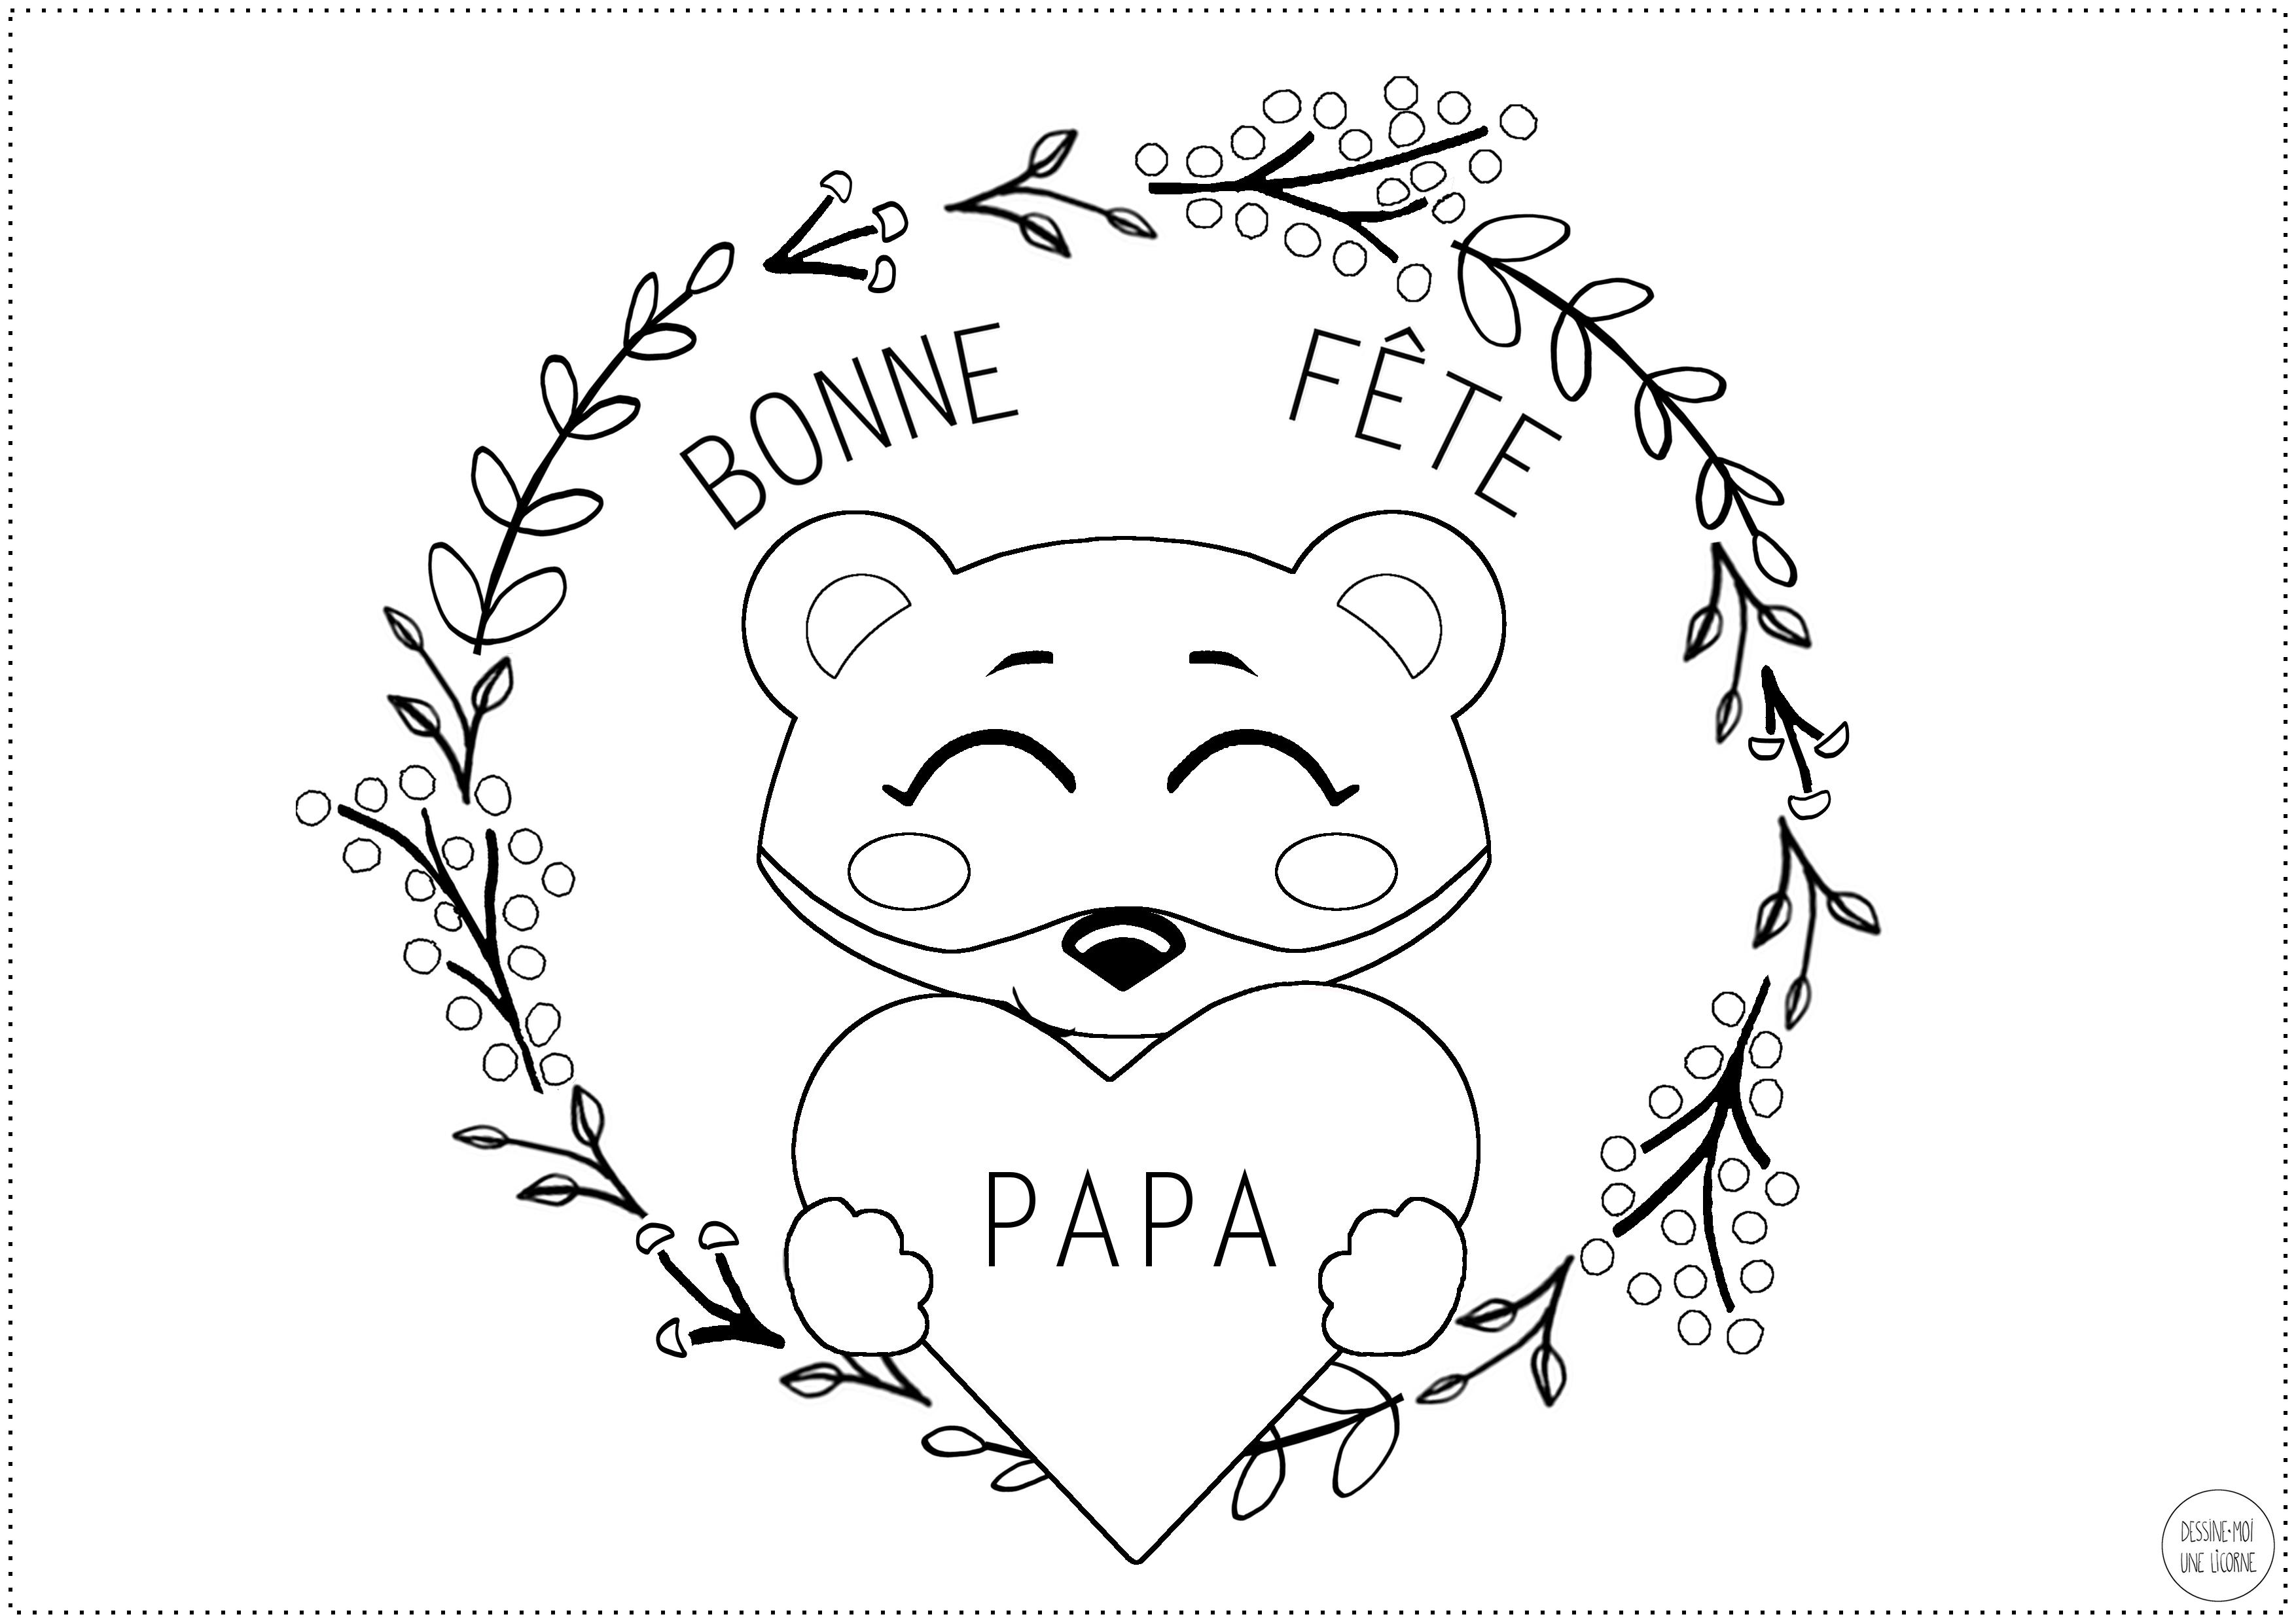 Activite Special Fete Des Peres Un Coloriage Ours Avec Un Cœur Bonne Fete Papa Modele A Telecharger Dessine Moi Une Licorne